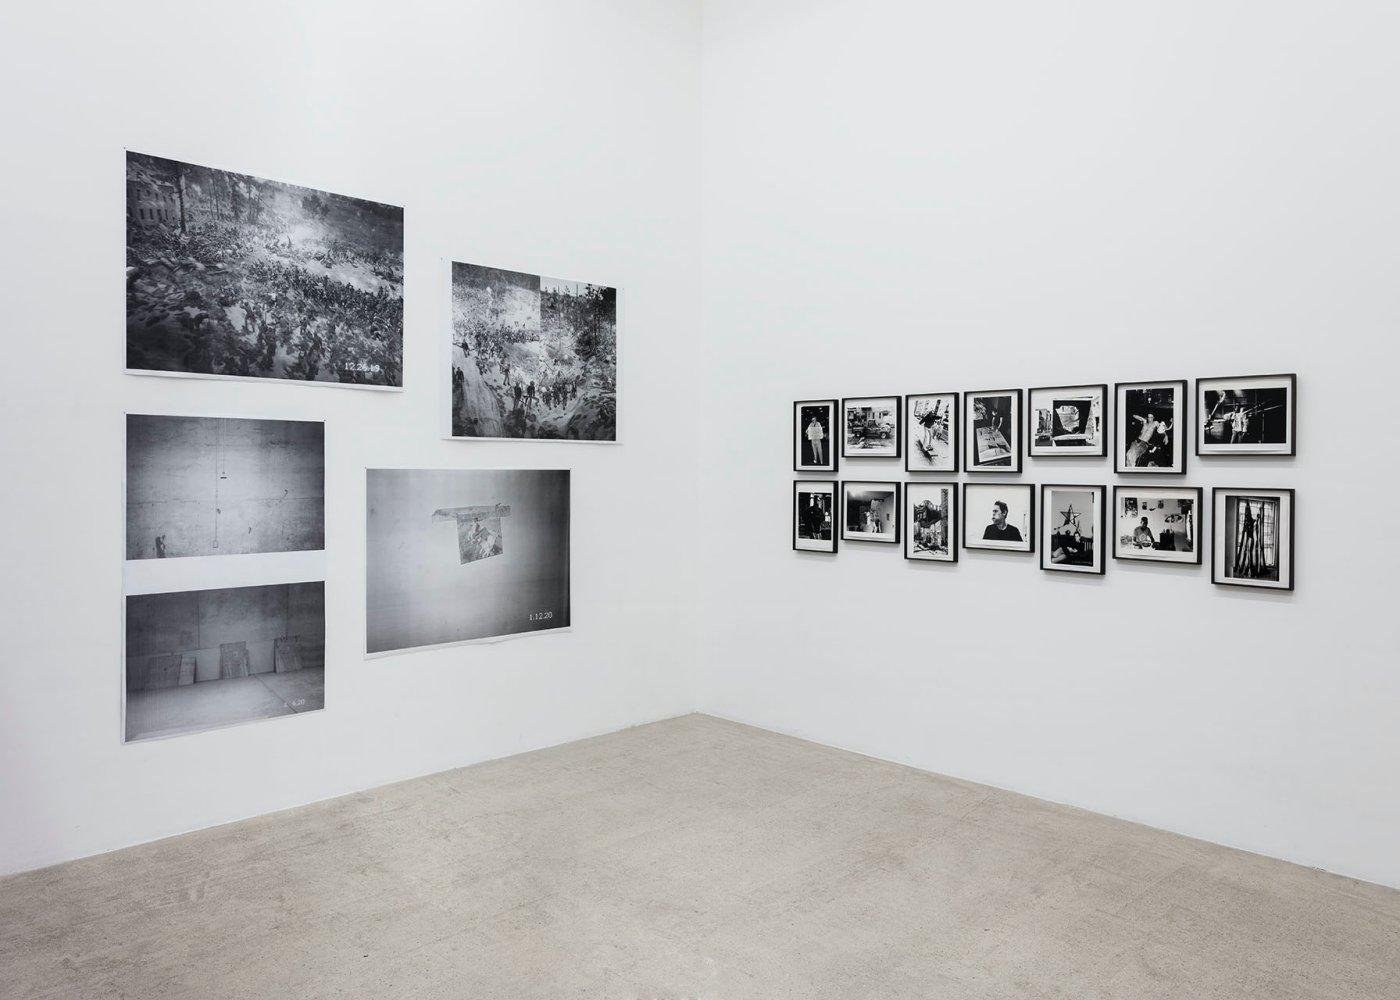 Galerie Frank Elbaz Ari Marcopoulos 5